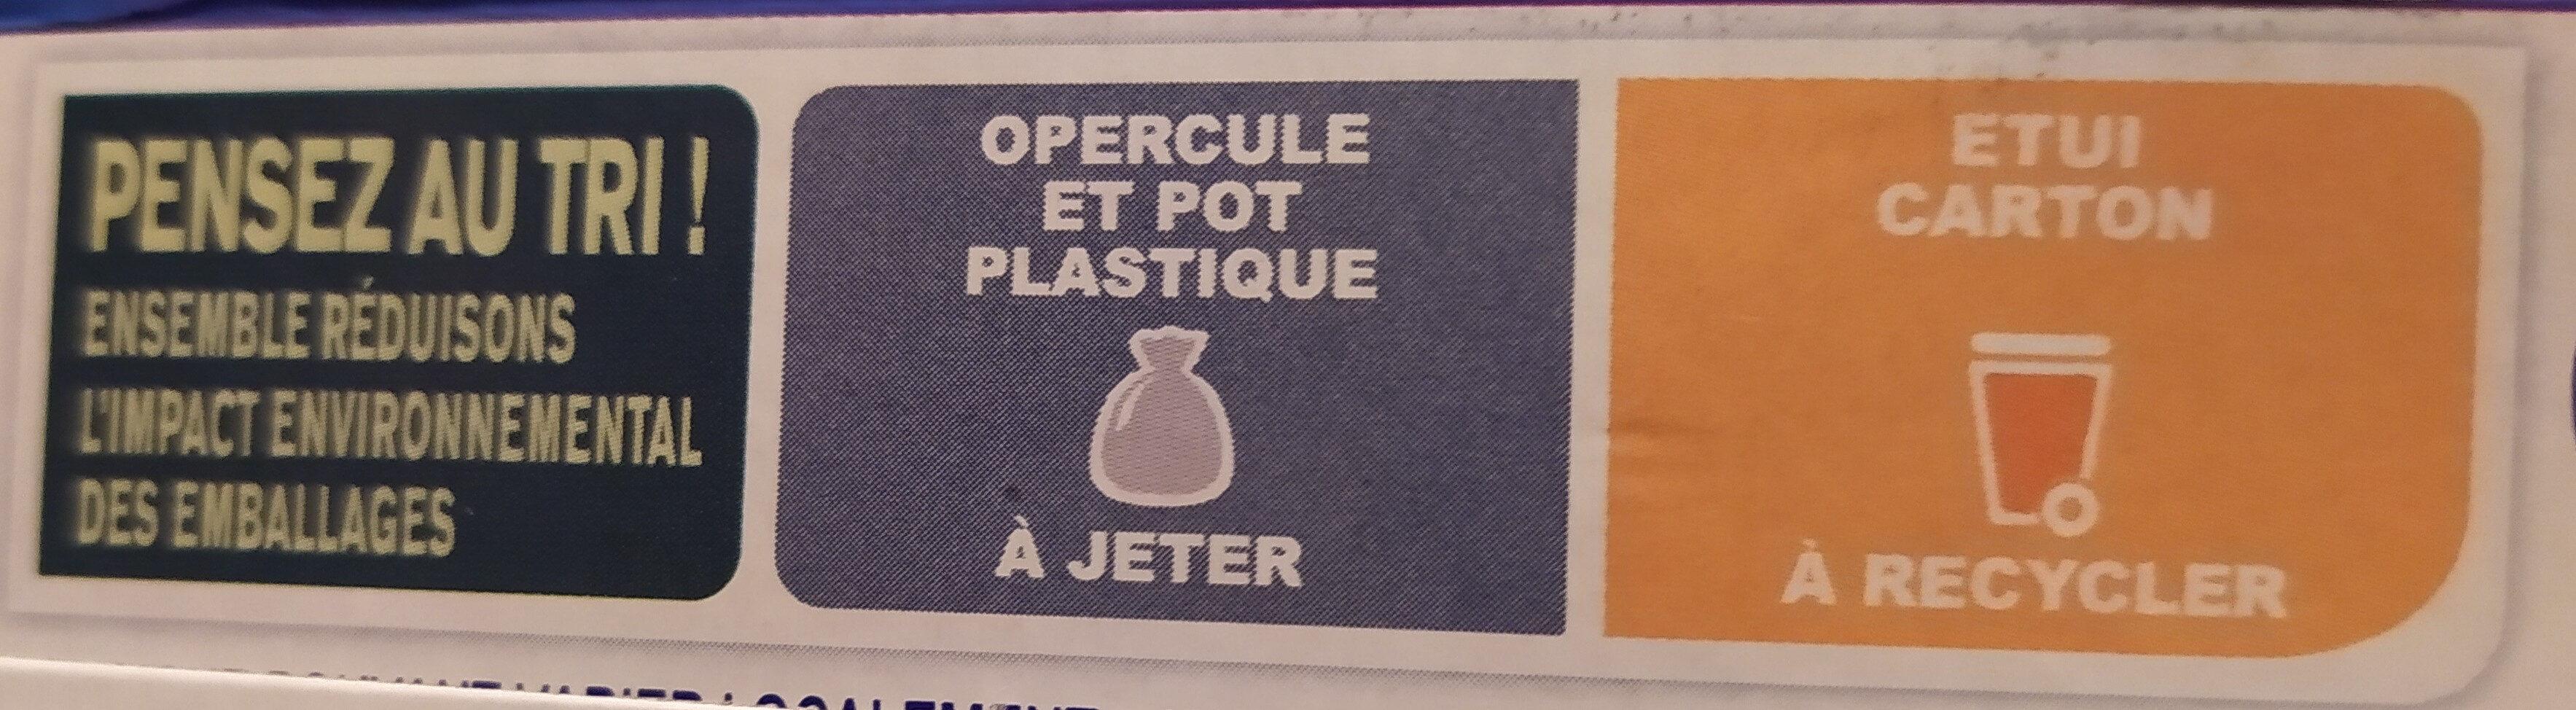 Recette crémeuse 8 x 125 g - Istruzioni per il riciclaggio e/o informazioni sull'imballaggio - fr